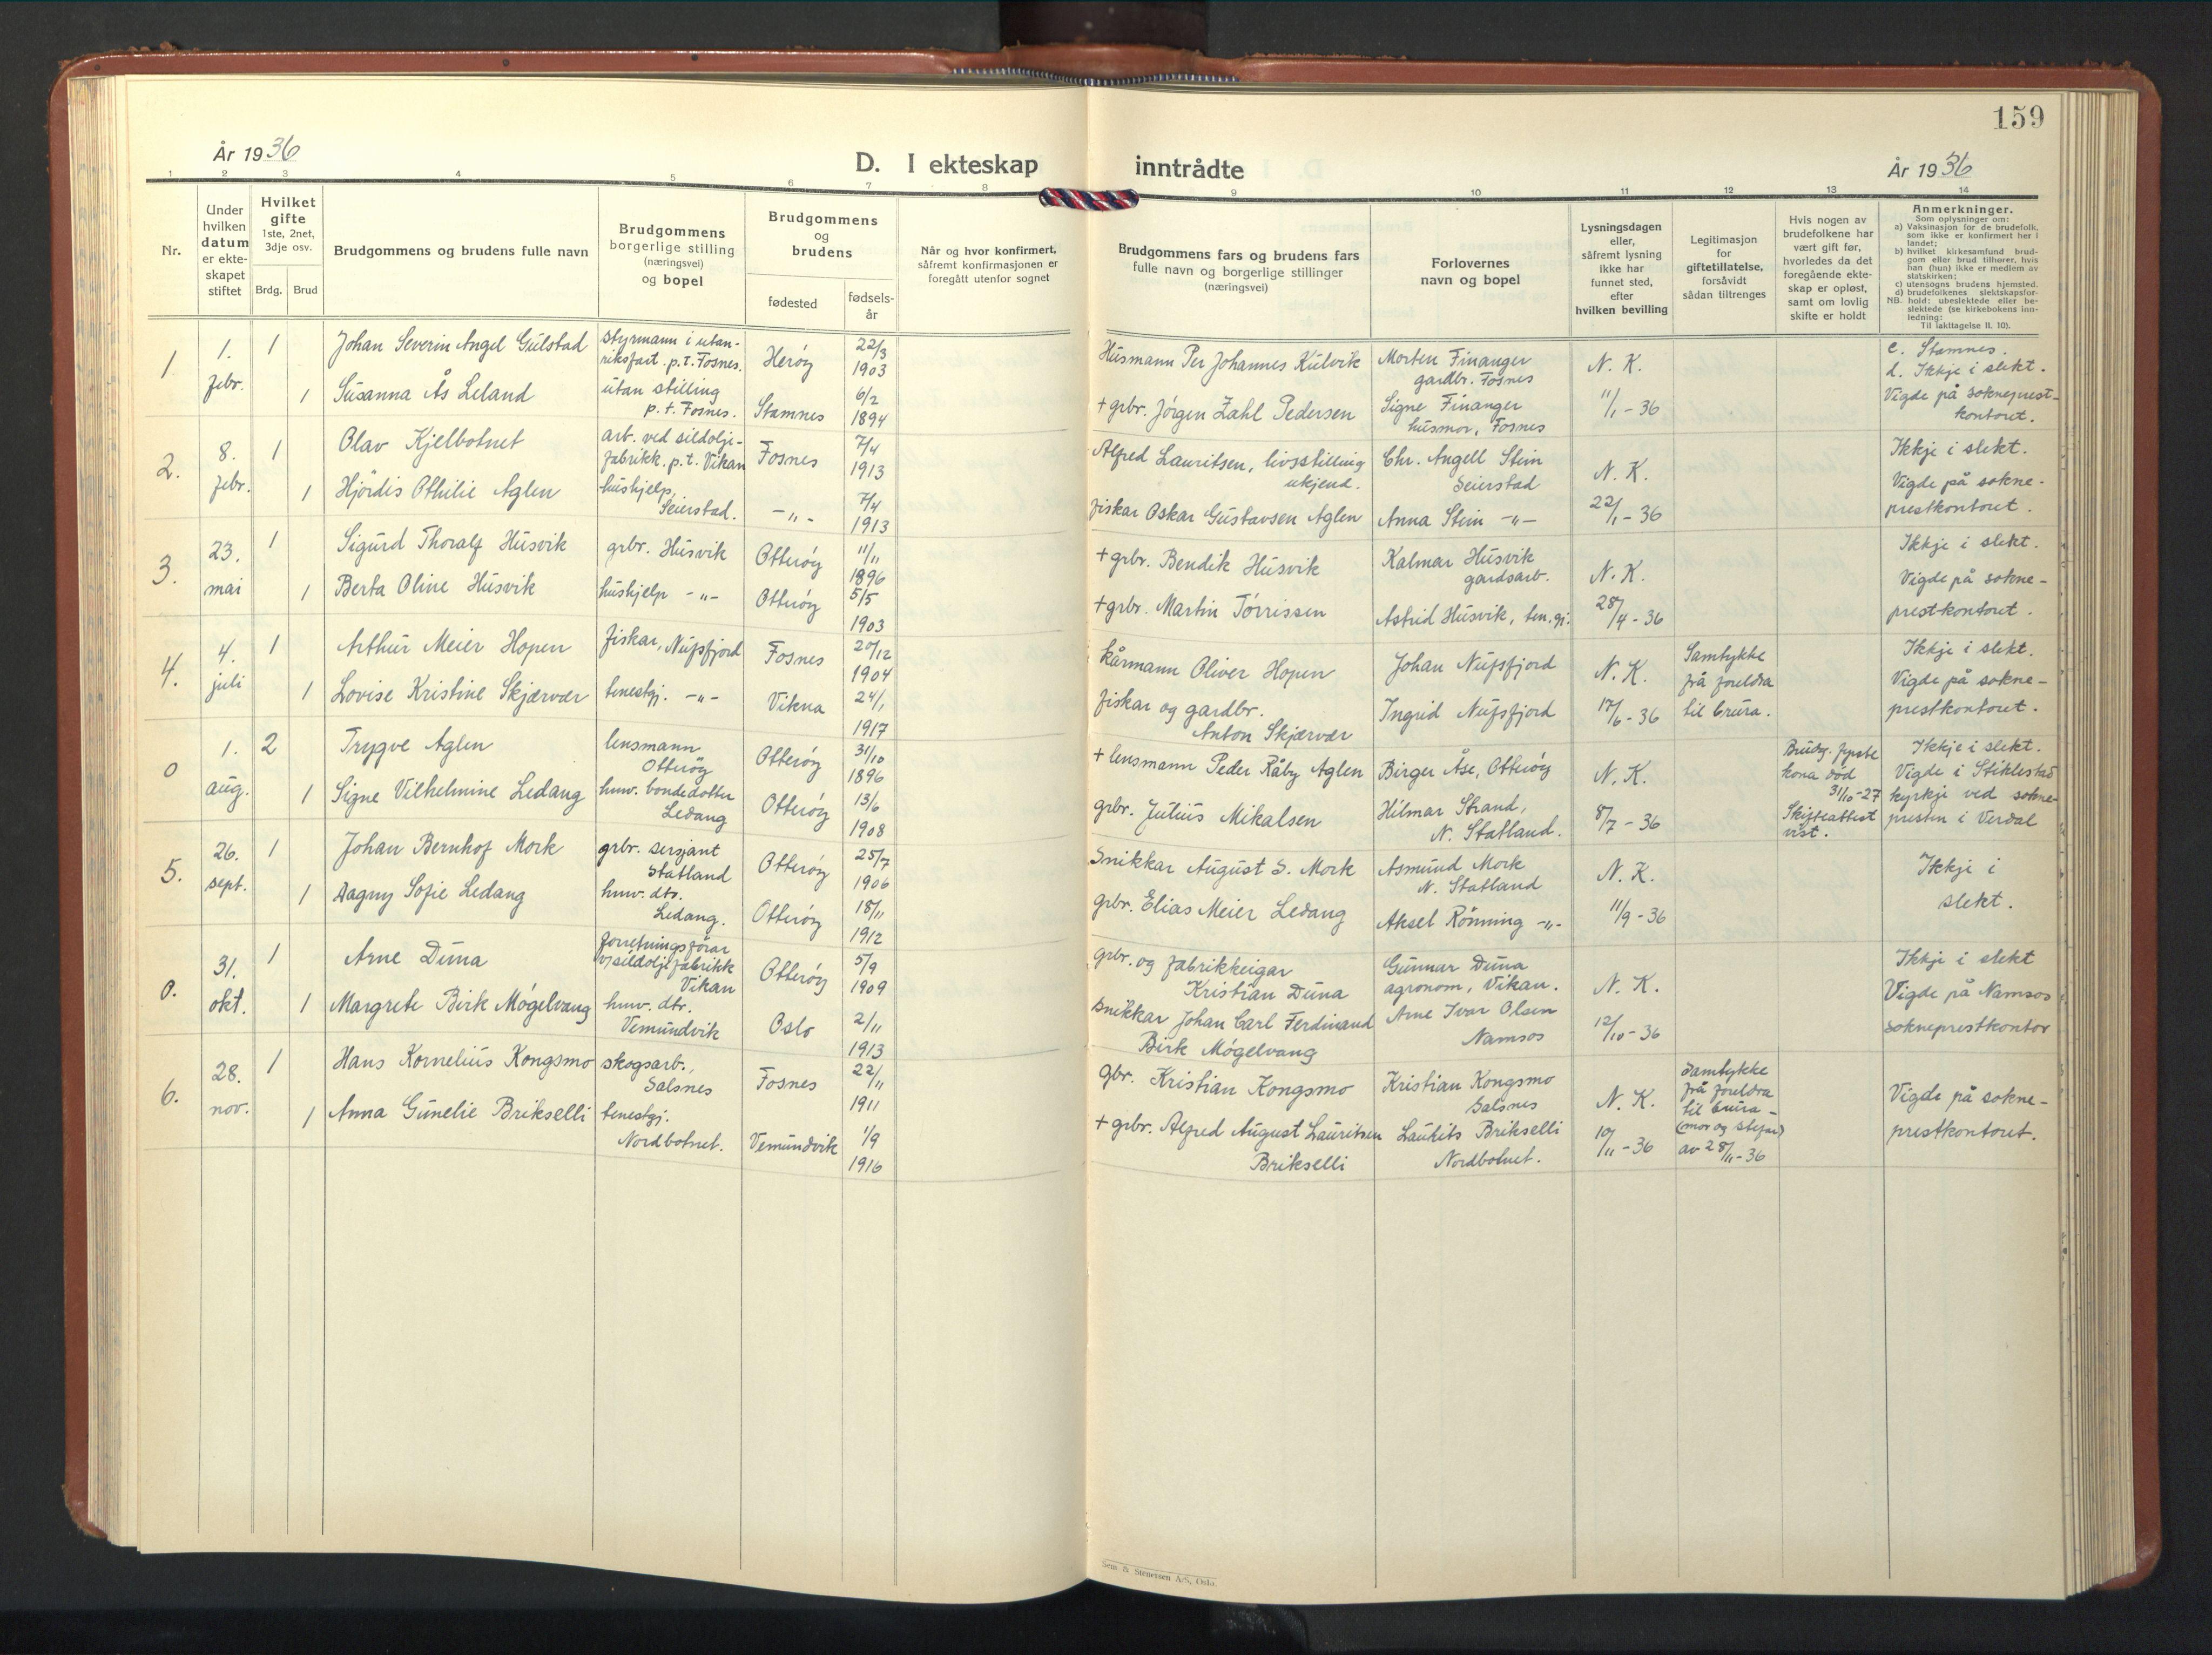 SAT, Ministerialprotokoller, klokkerbøker og fødselsregistre - Nord-Trøndelag, 774/L0631: Klokkerbok nr. 774C02, 1934-1950, s. 159